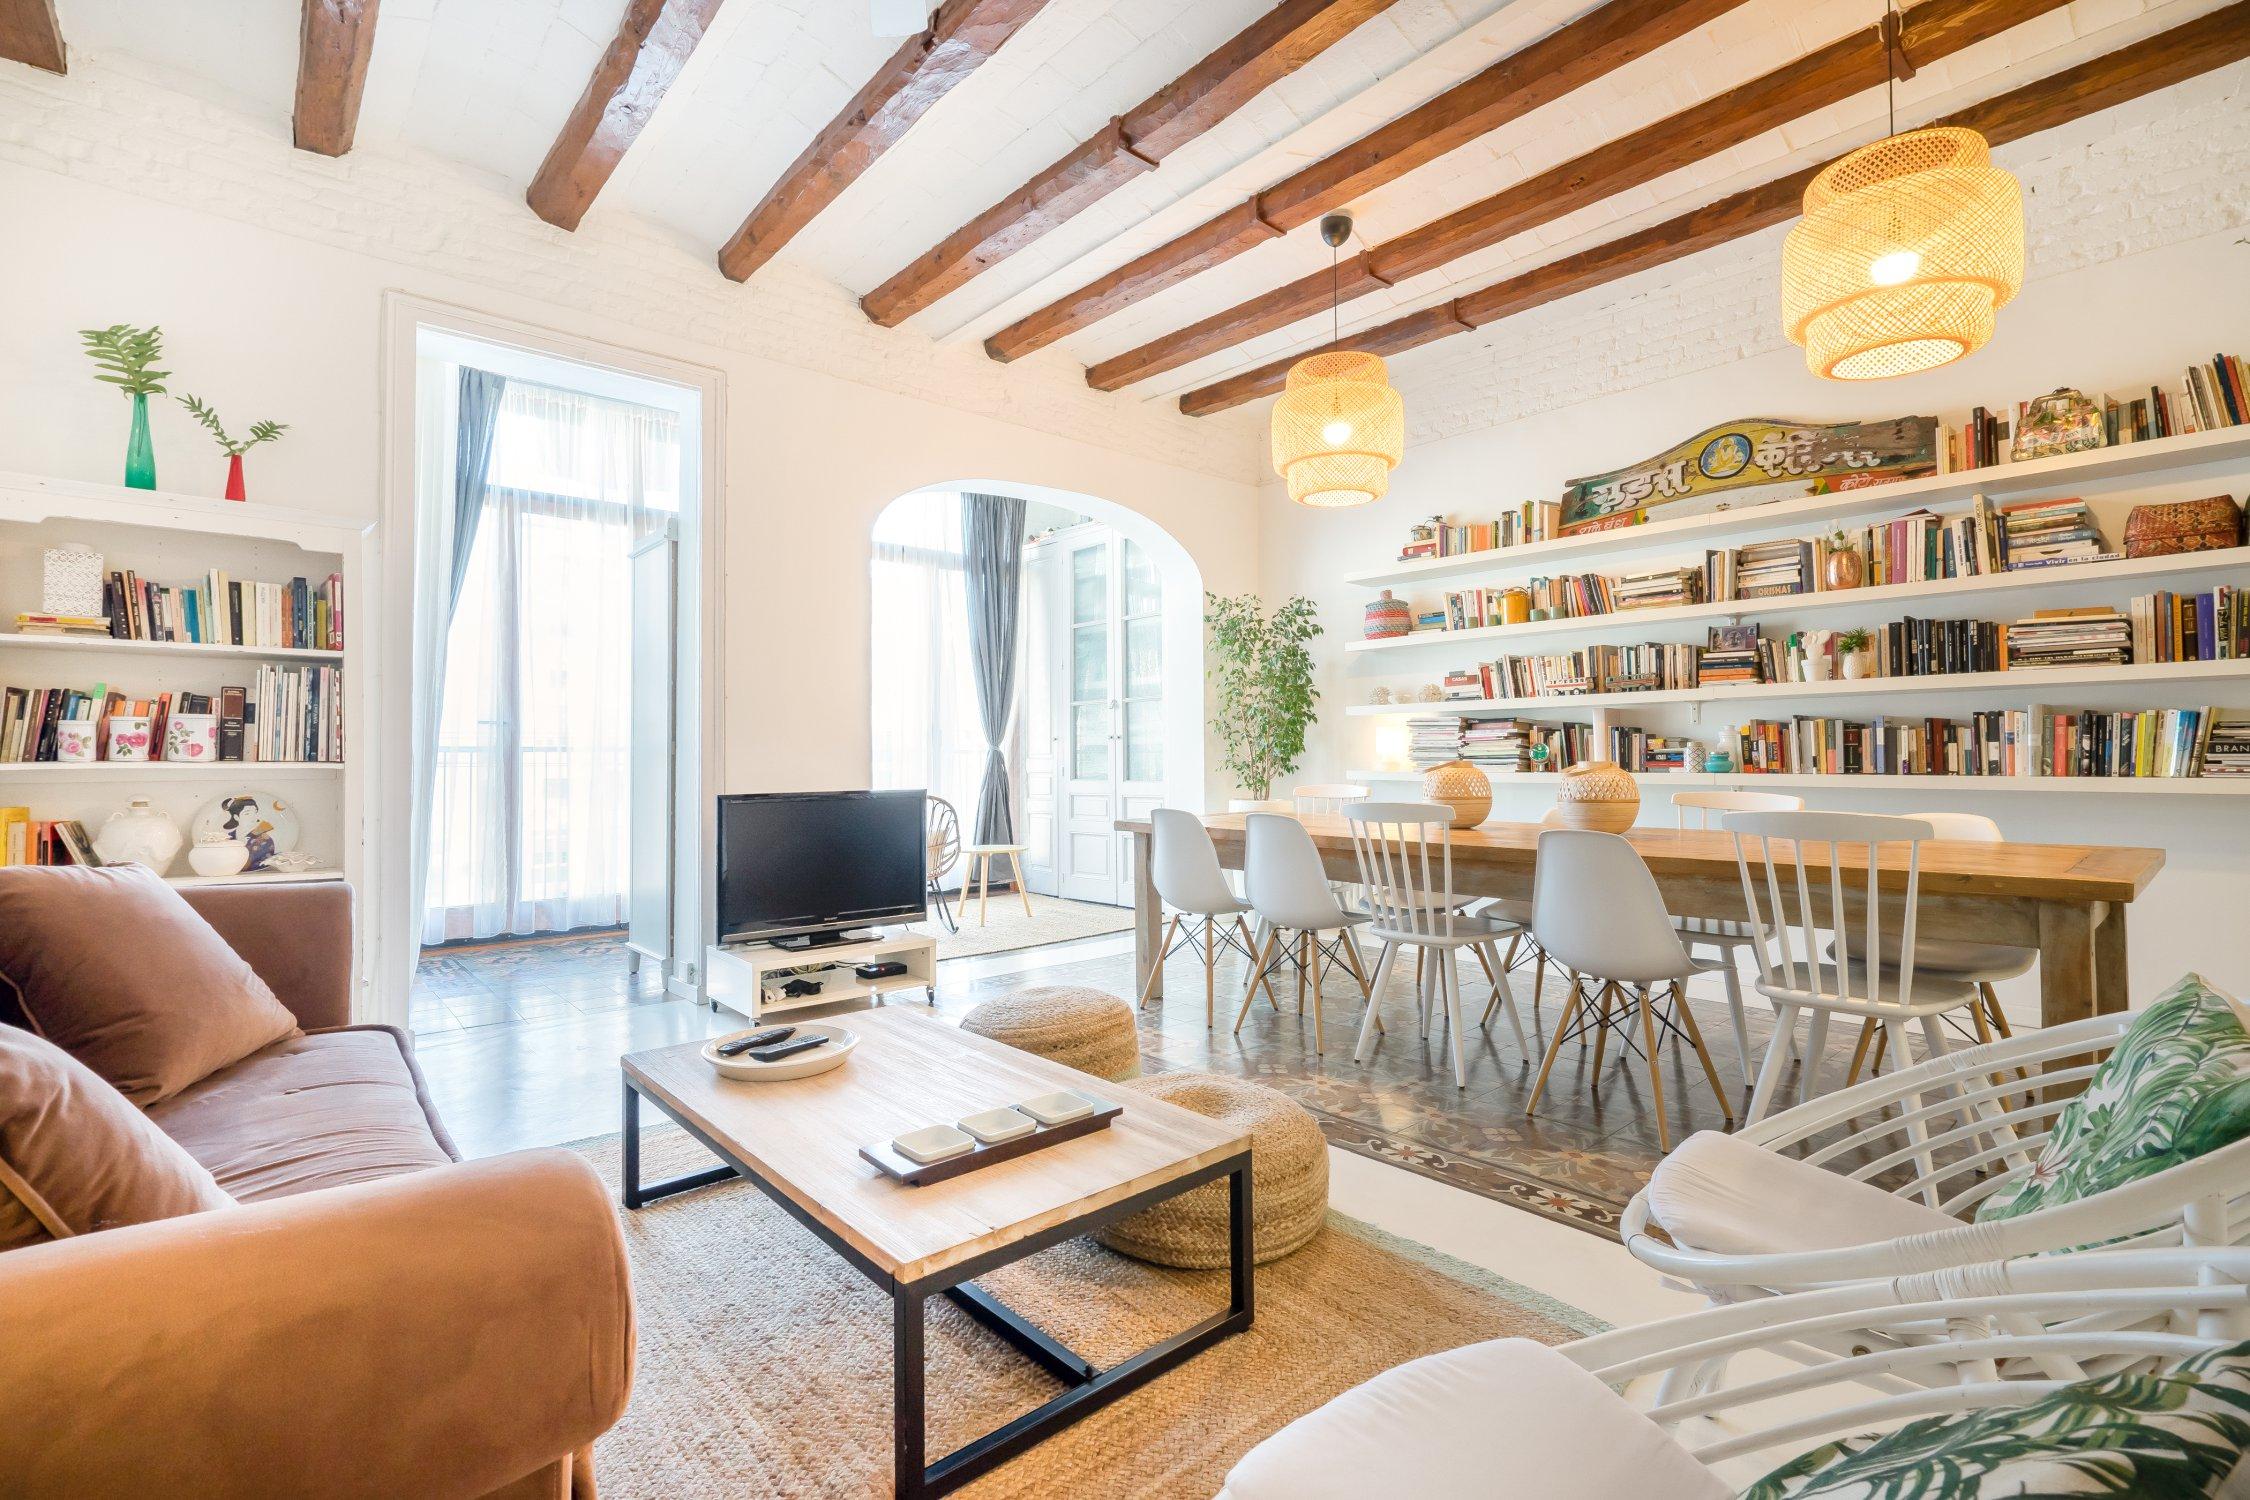 Gran apartamento de vacaciones en barcelona blog tienda - Apartamentos en barcelona vacaciones ...